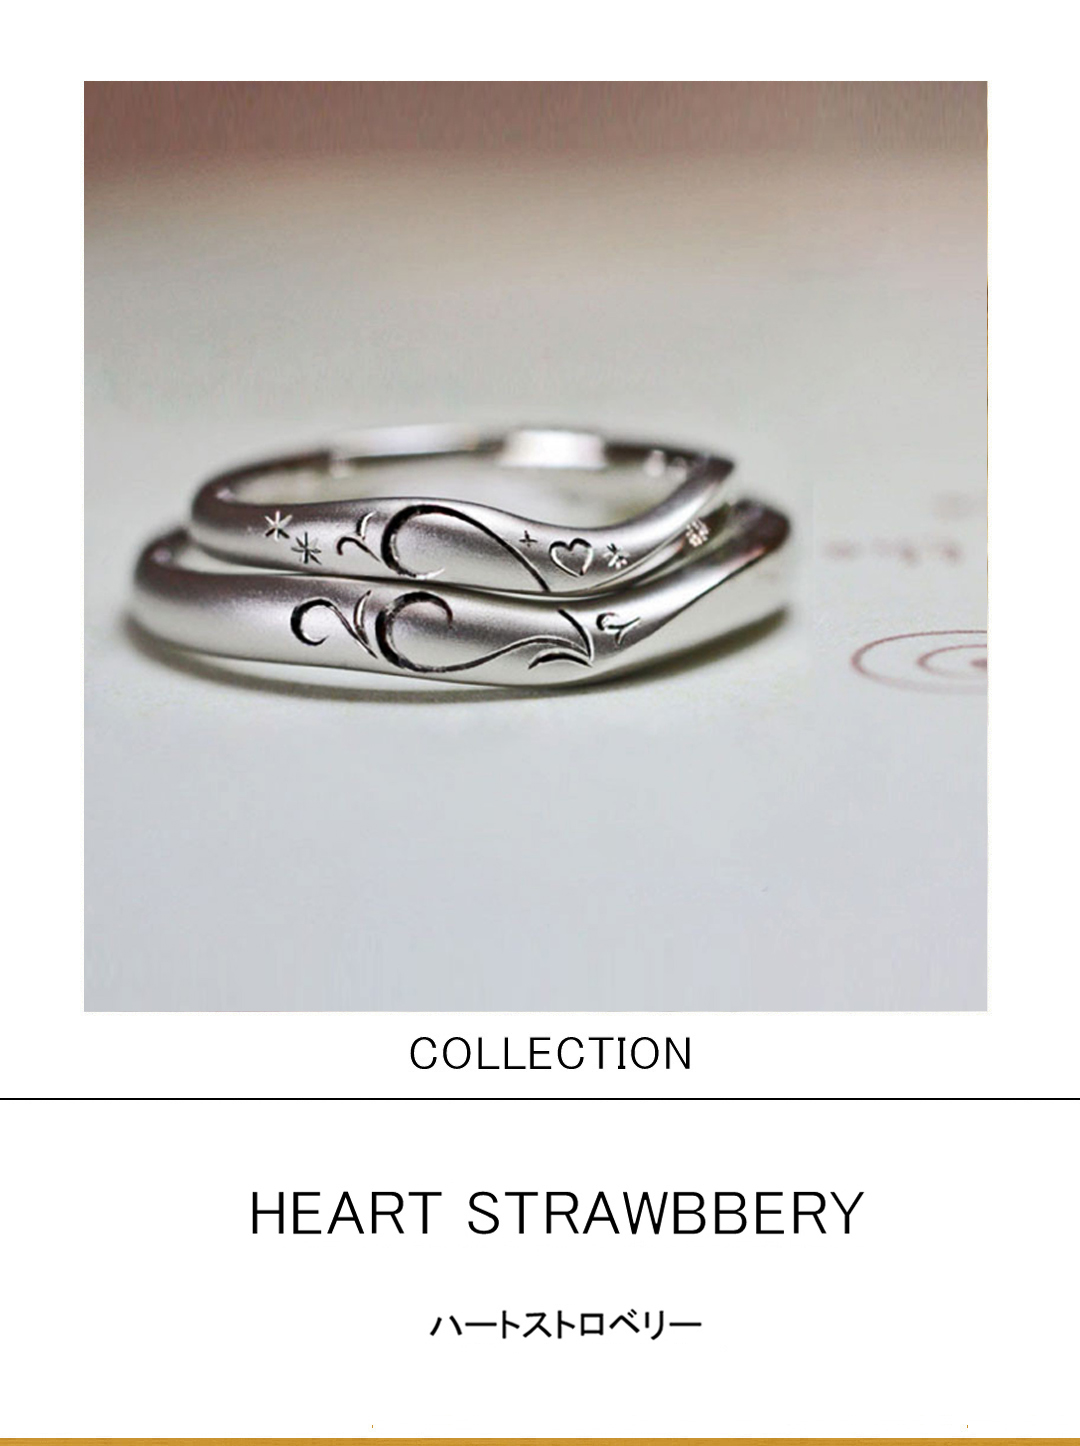 ふたりのリングを重ねてハートの模様をつくる結婚指輪コレクションのサムネイル